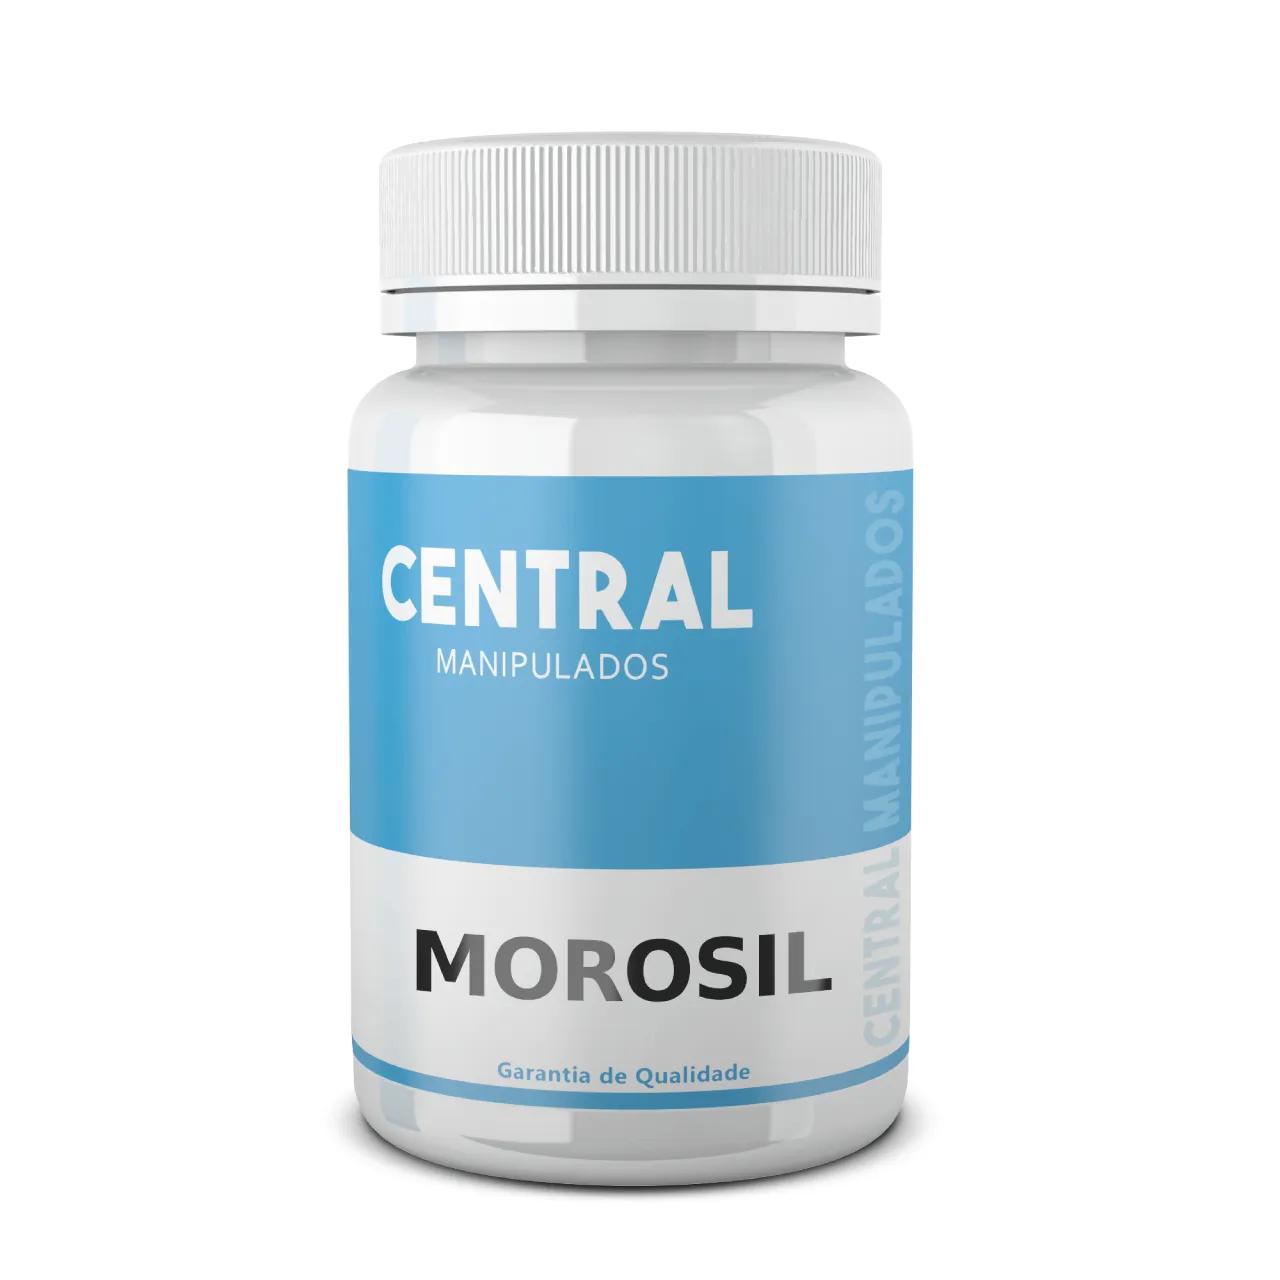 Morosil (ORIGINAL GALENA) 500mg - 30 cápsulas - Emagrecimento e redução de medidas no abdômen